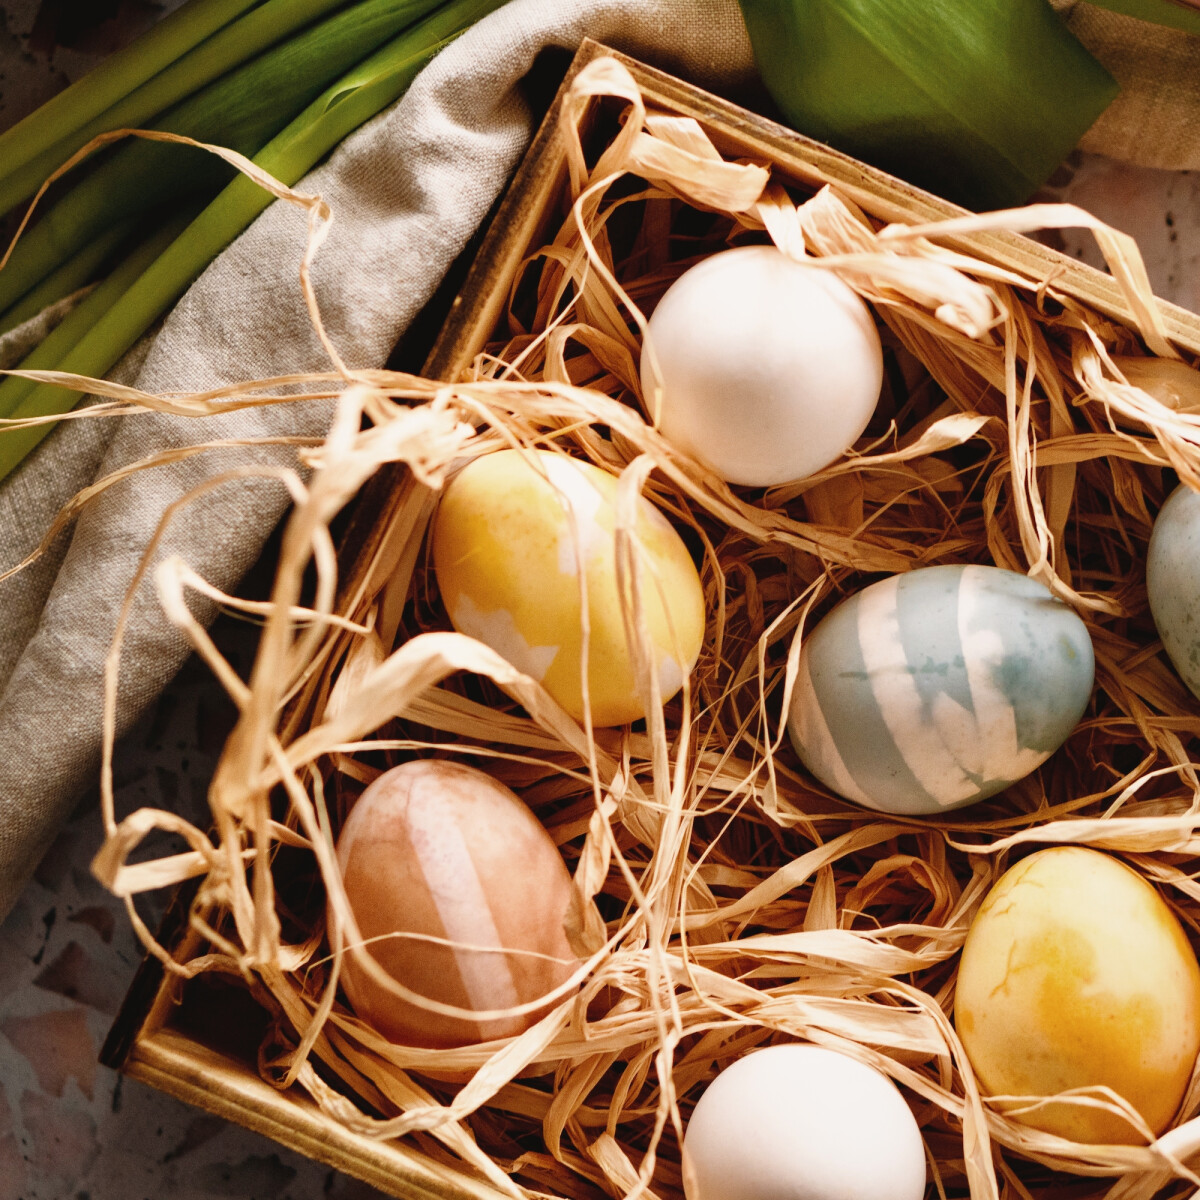 Most kiderül, miért tojik színes tojásokat a húsvéti nyúl